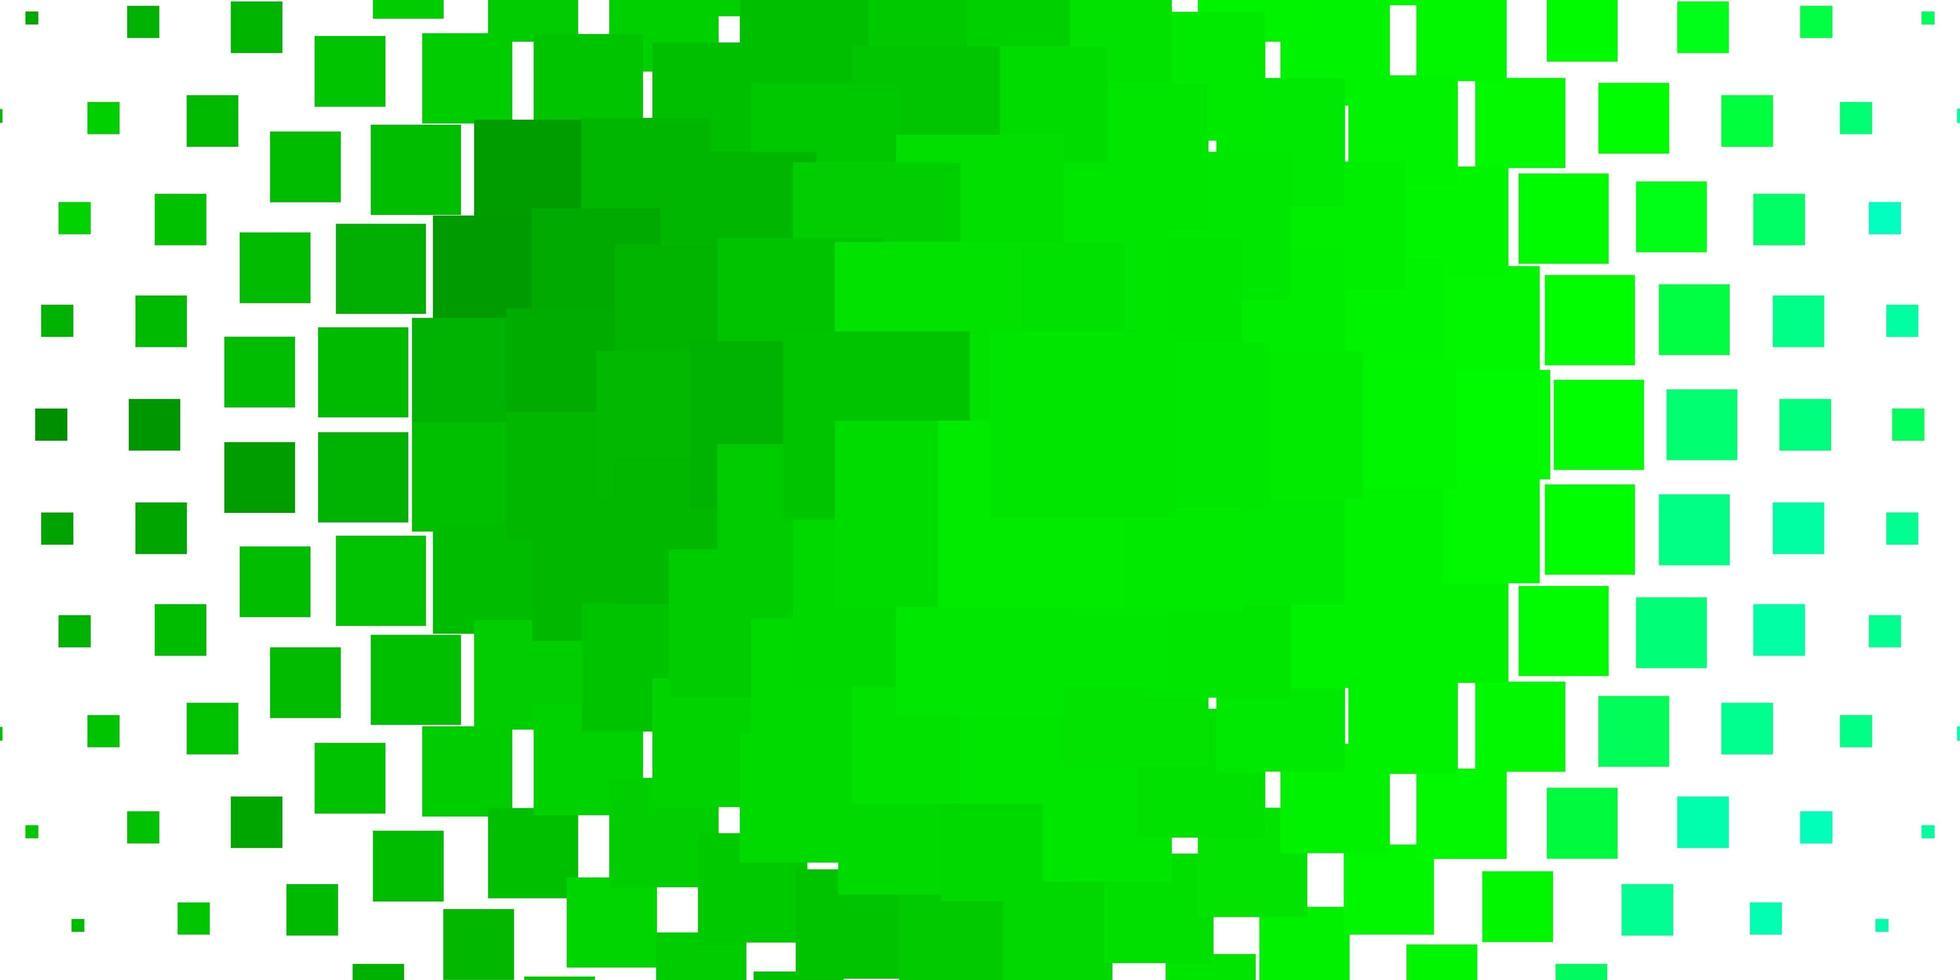 modello vettoriale verde chiaro in rettangoli.